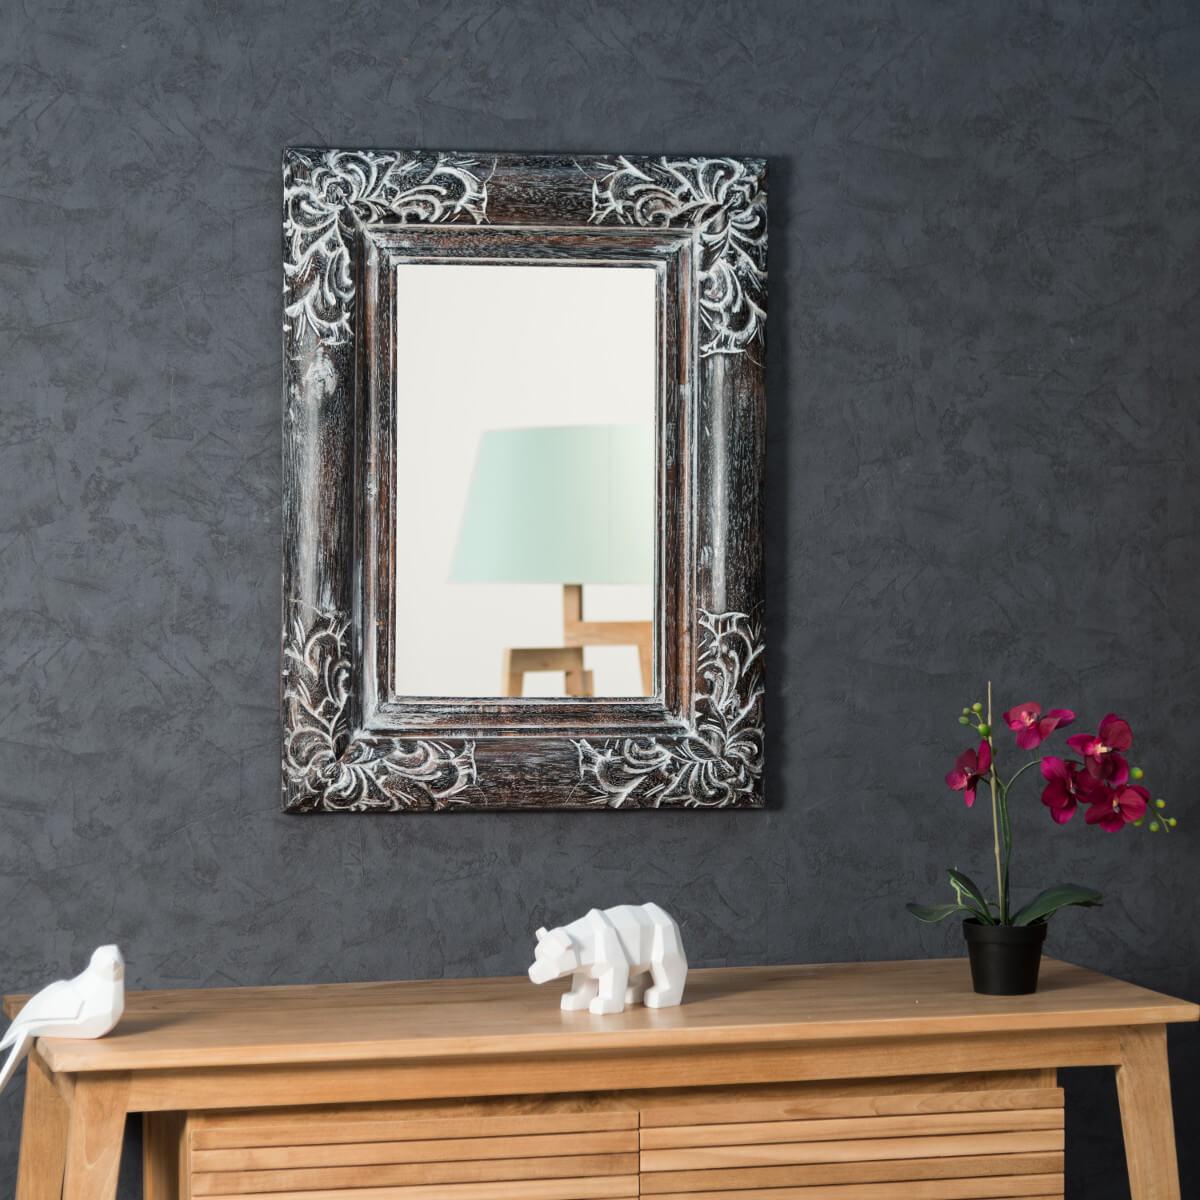 Miroir Valence En Bois Patin 60 X 80 C Rus Gris